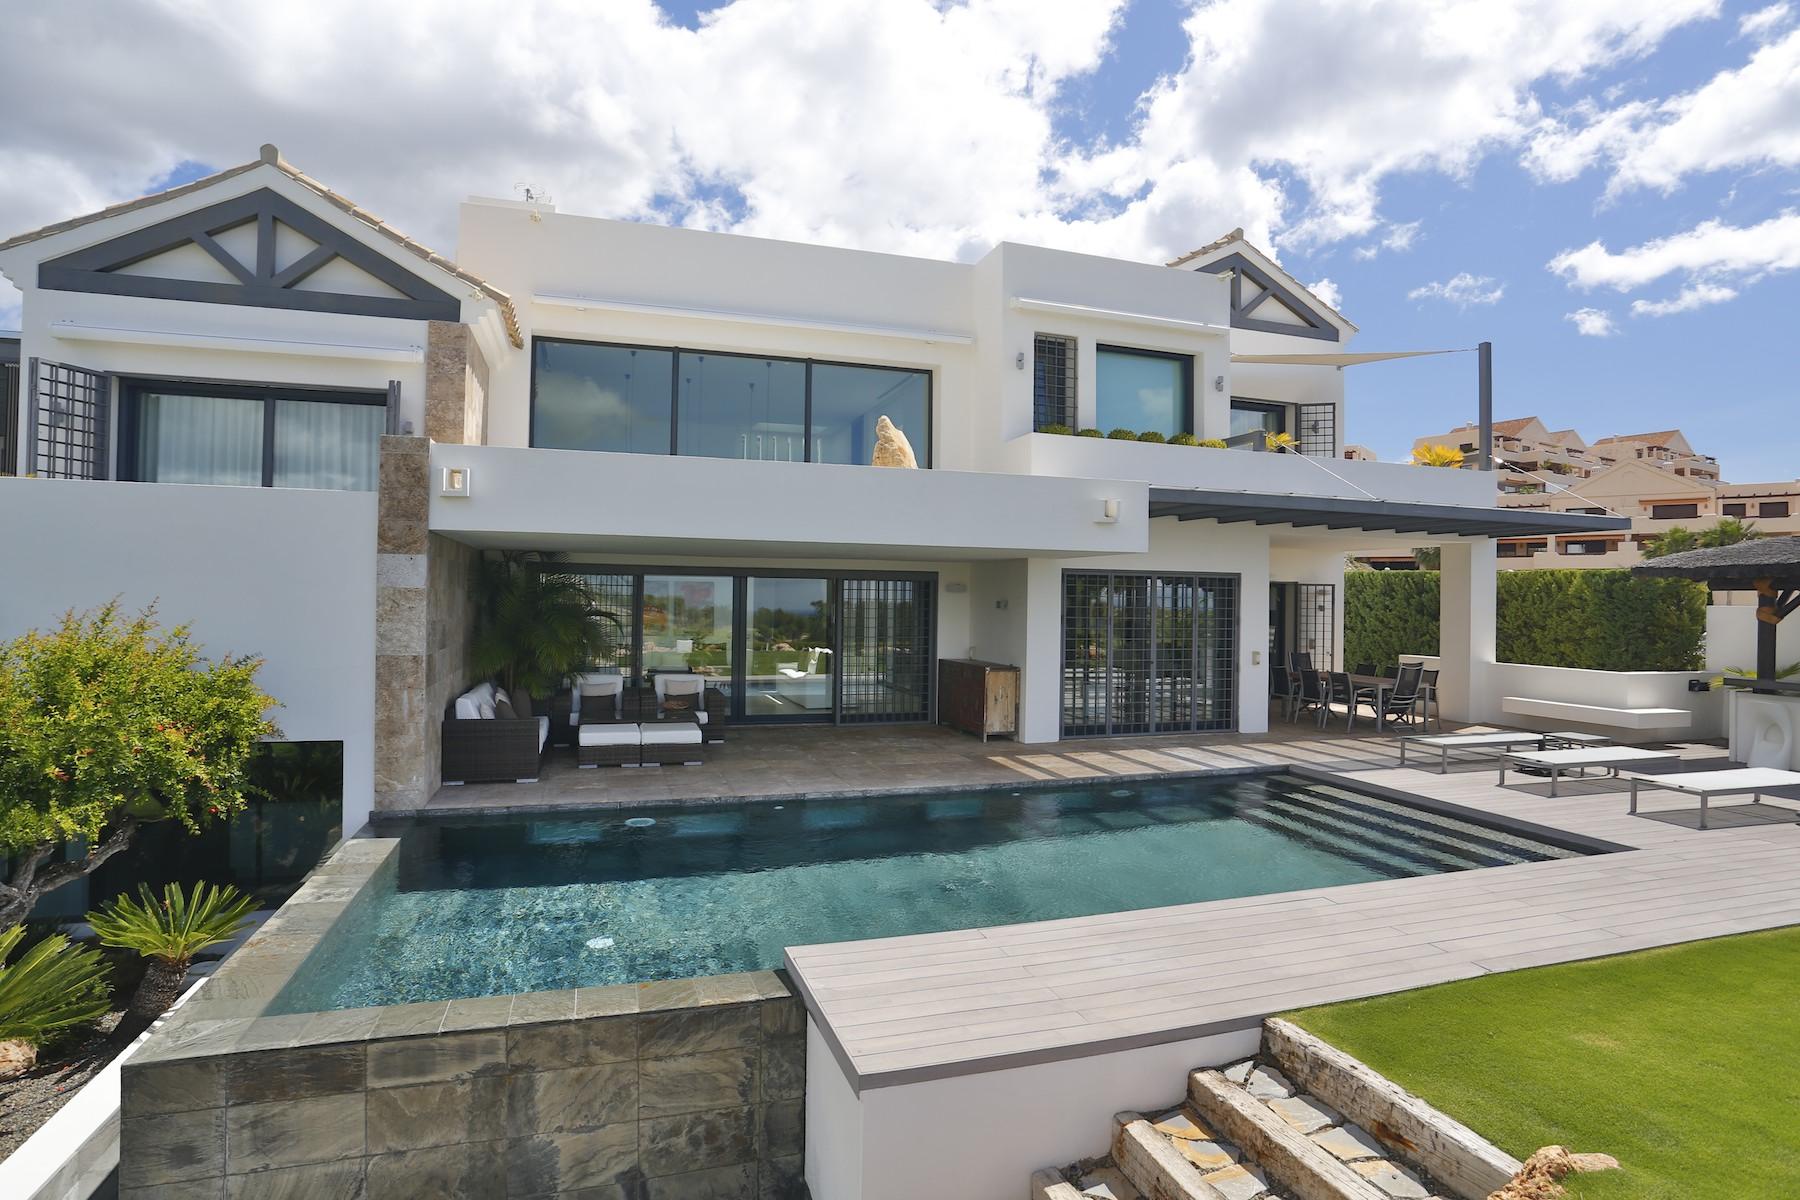 一戸建て のために 売買 アット Contemporary Villa Benahavis Benahavis, アンダルシア 29679 スペイン